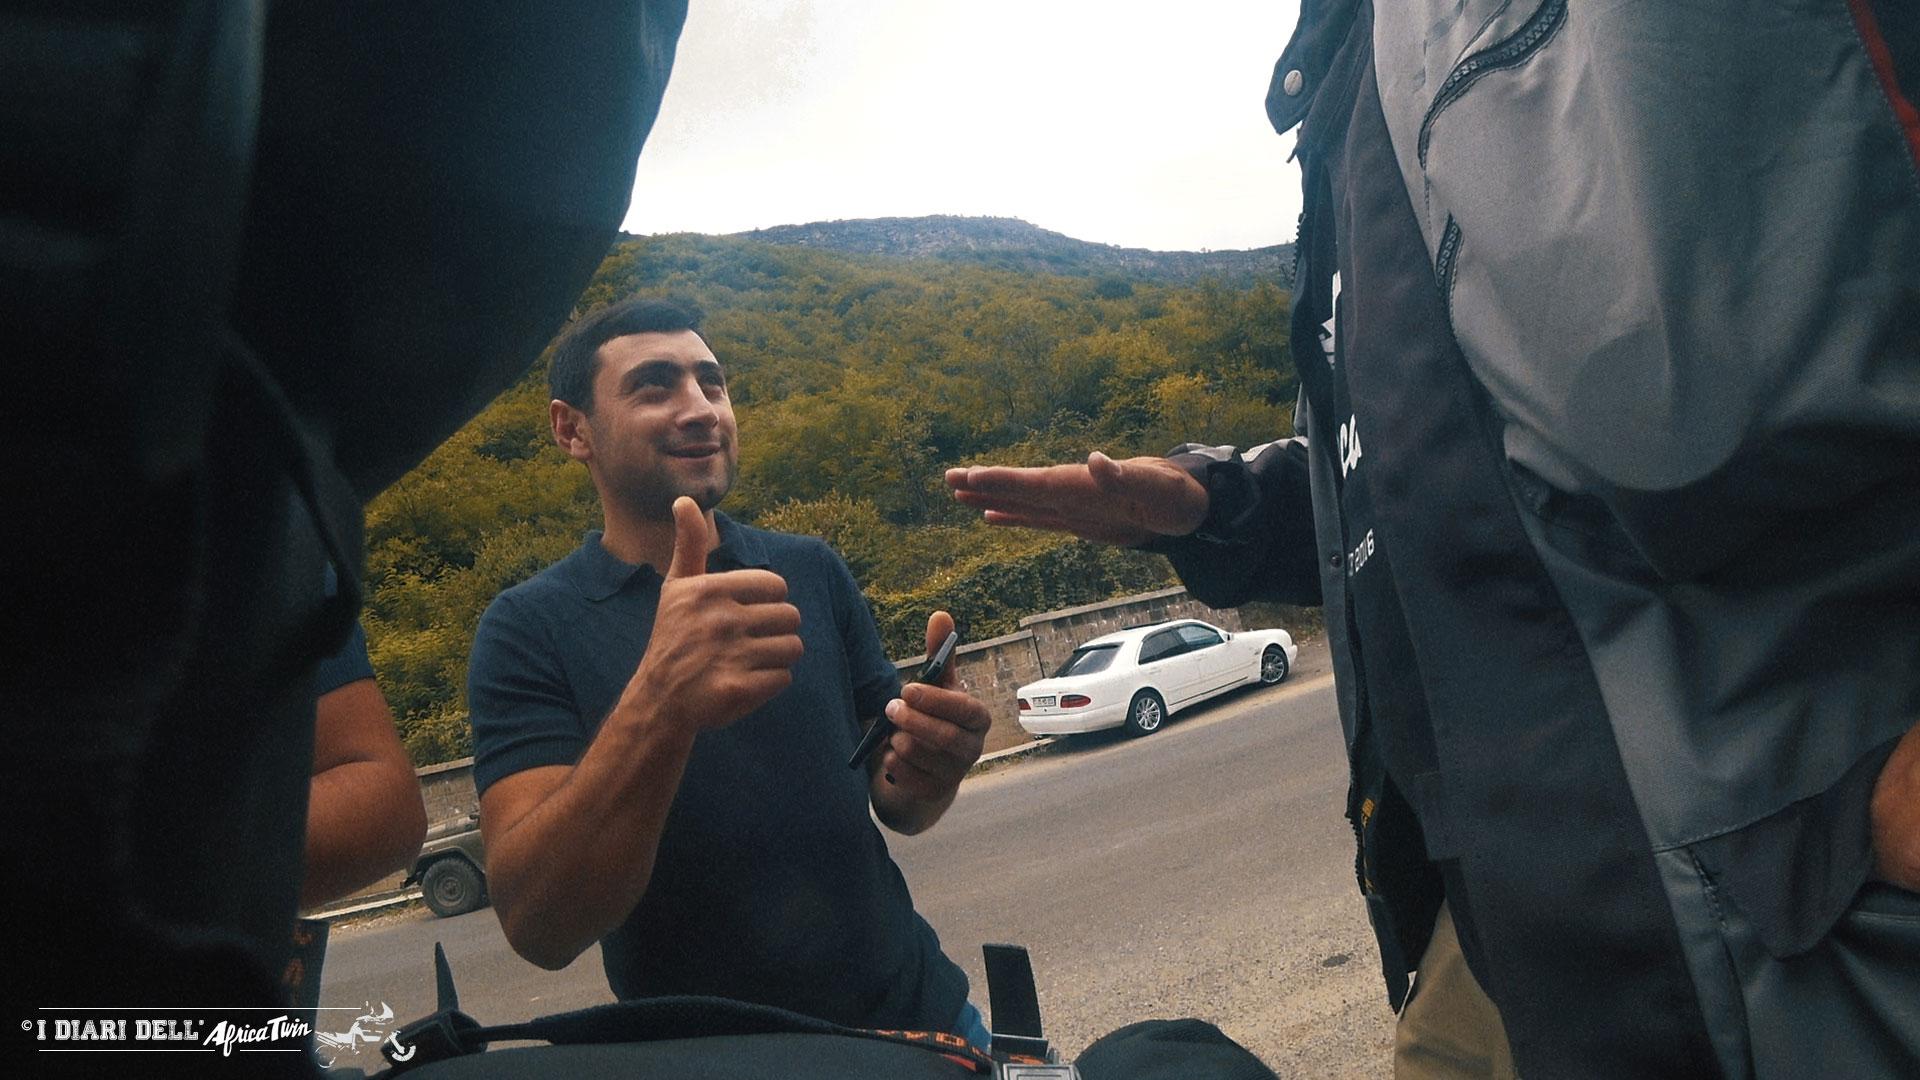 georgia-armenia-in-moto-incontri-di-viaggio-4